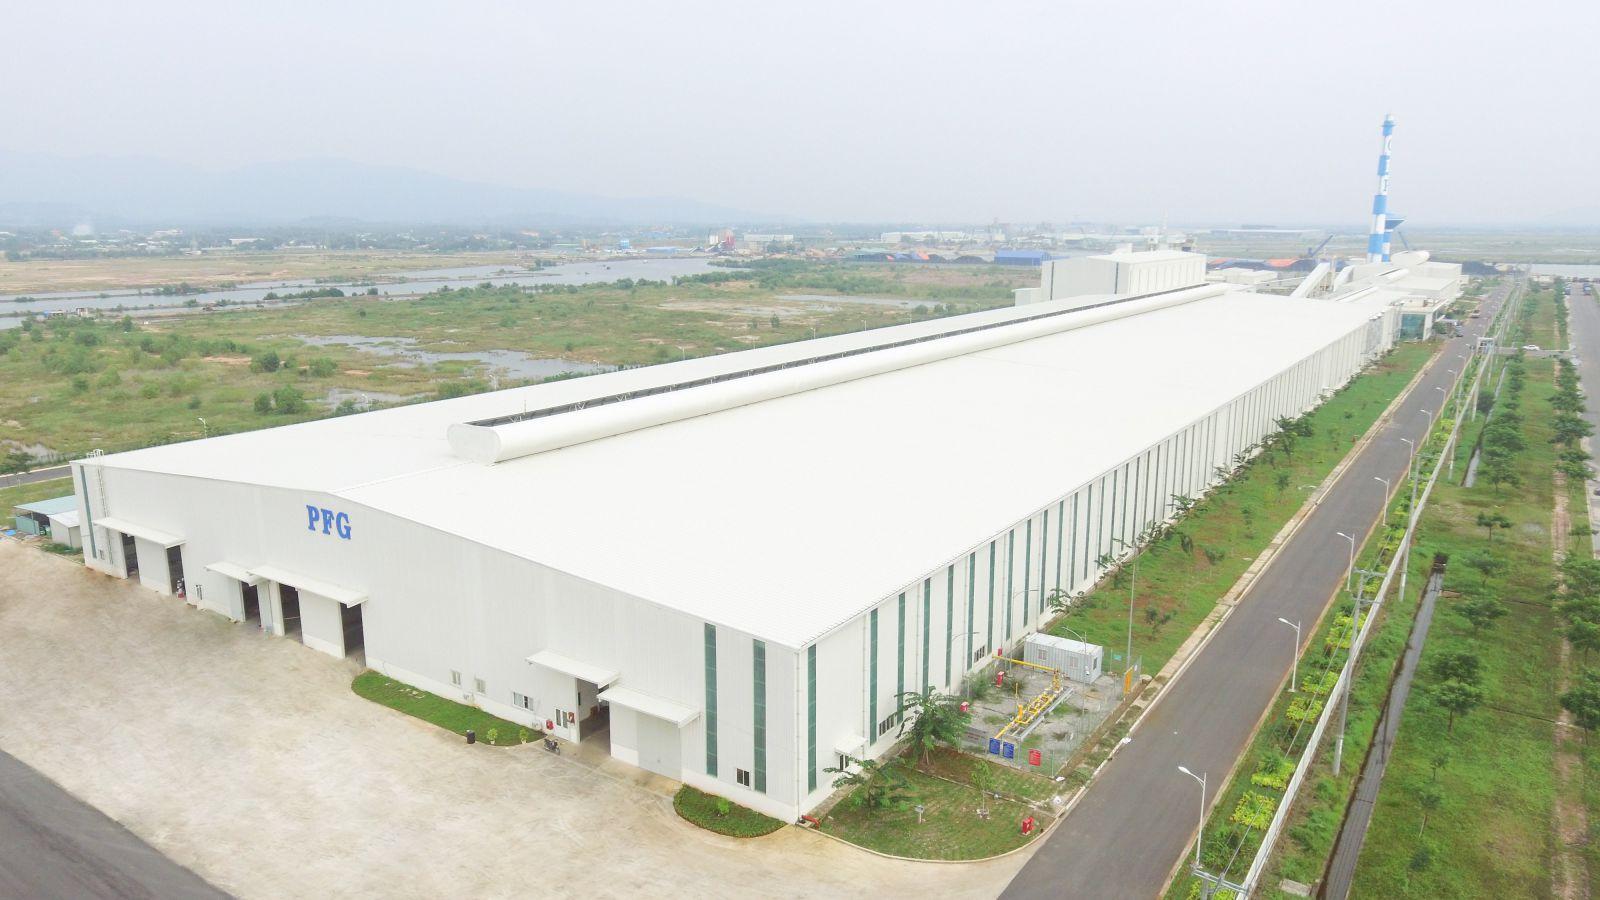 IDICO muốn thoái 30% vốn tại công ty sản xuất kính nổi siêu trắng - Ảnh 1.